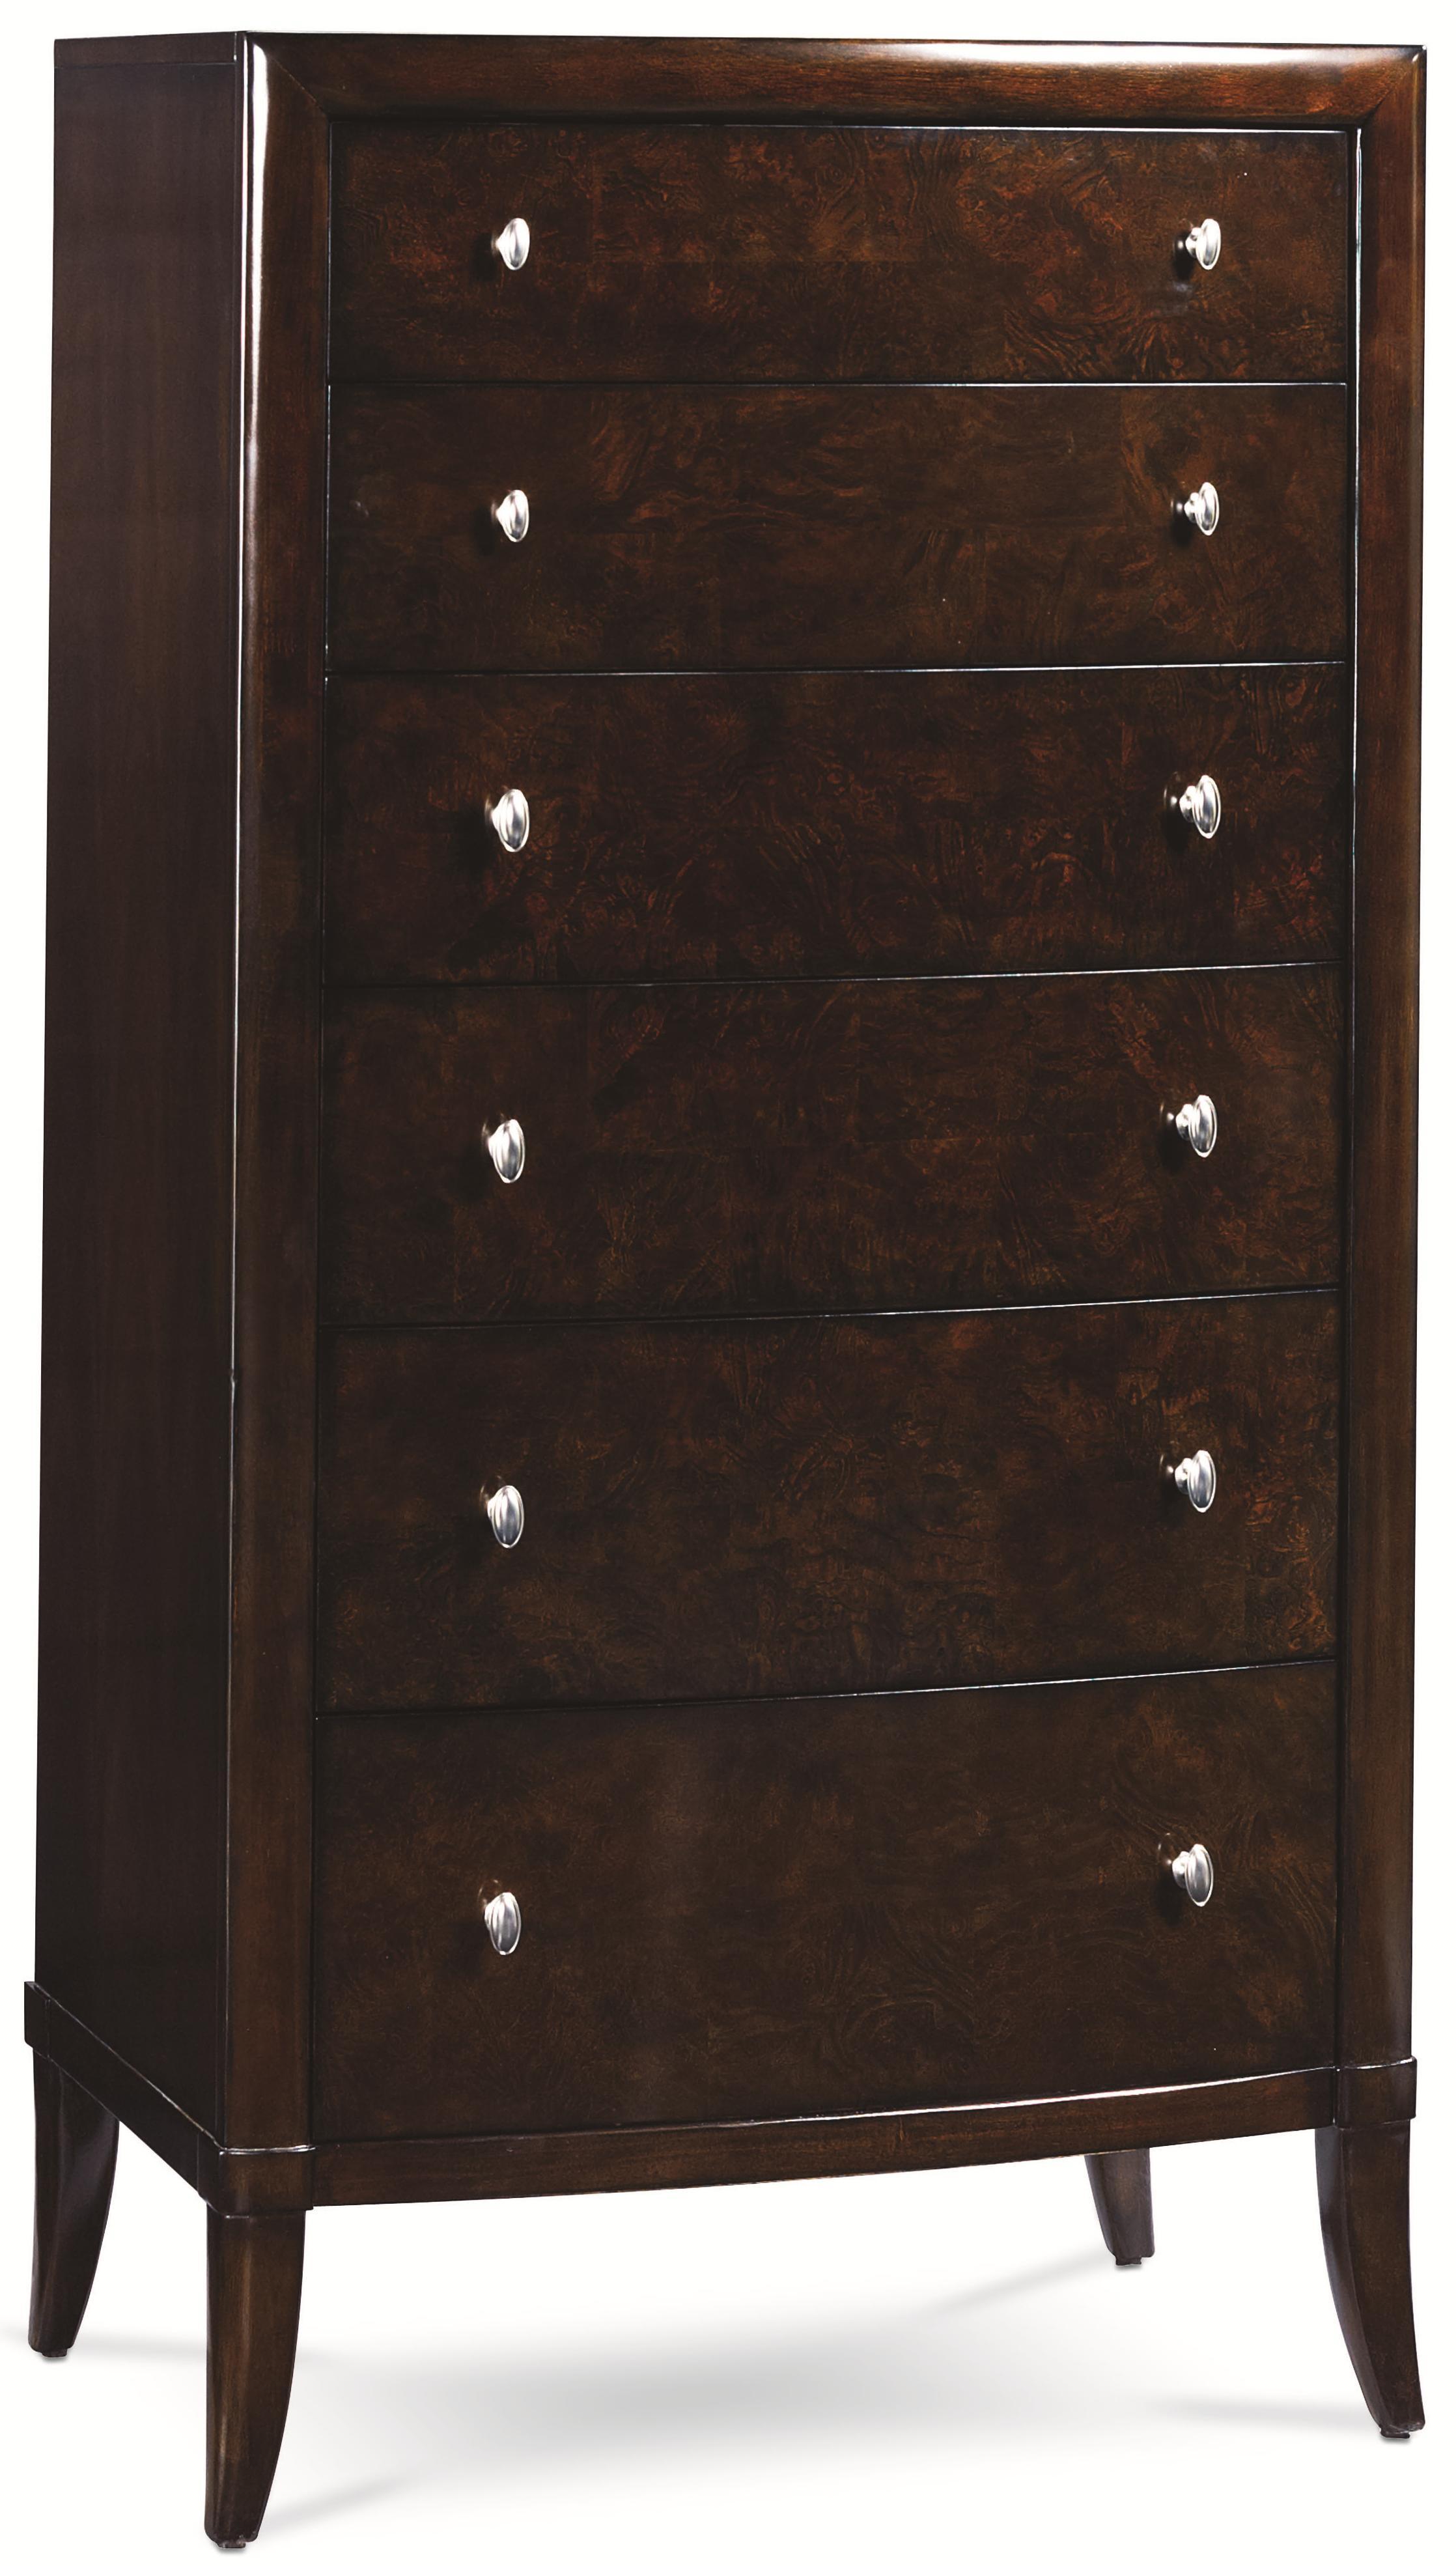 Thomasville® Spellbound Drawer Chest - Item Number: 82211-315